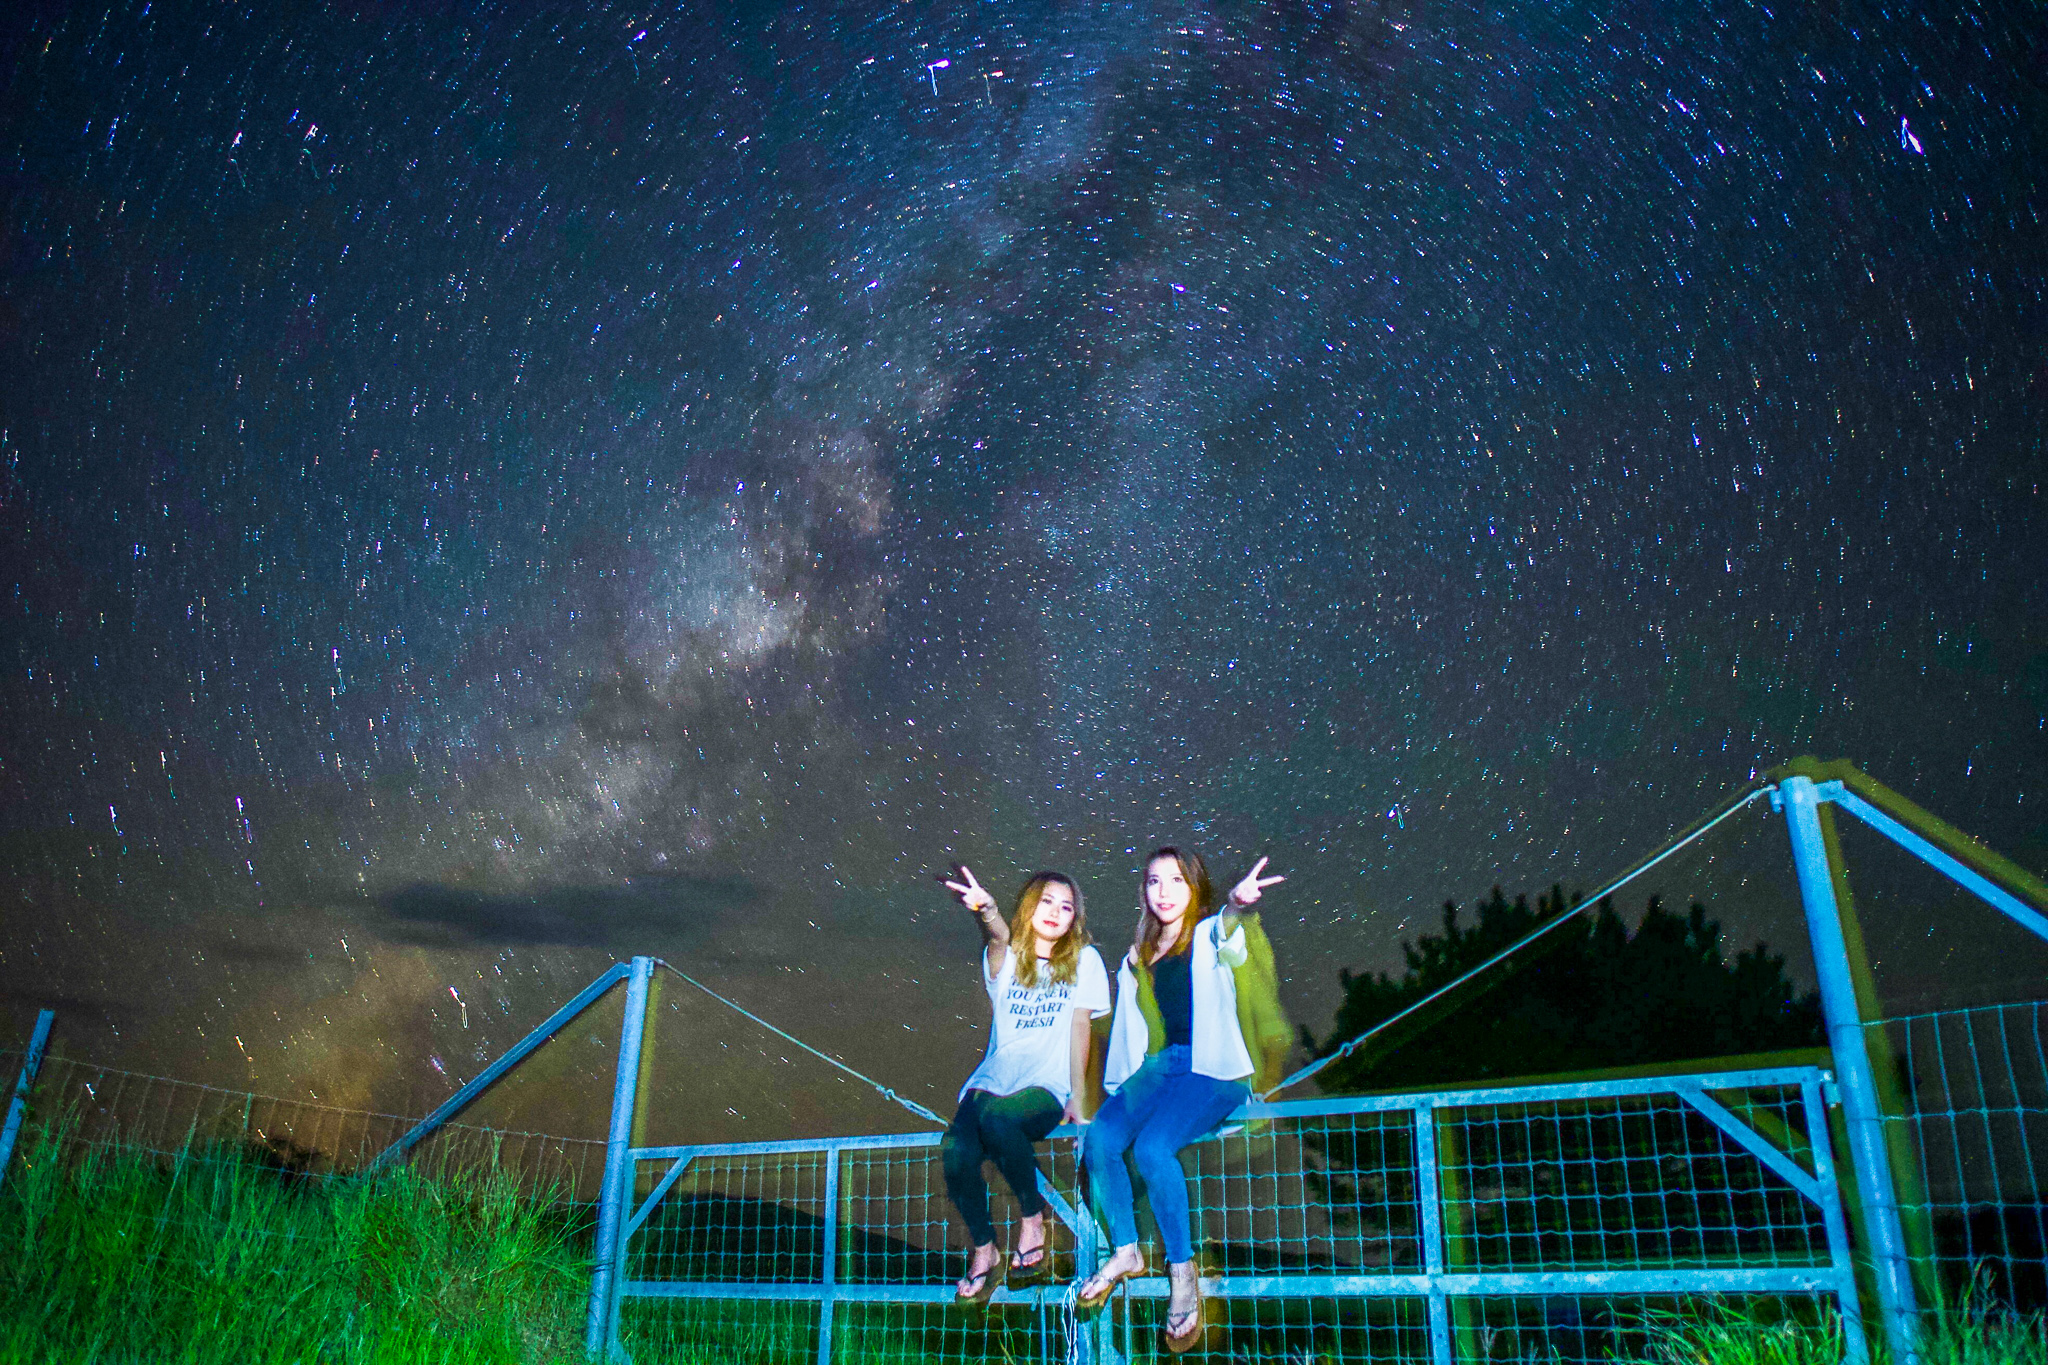 西表島の満天の星空と女性